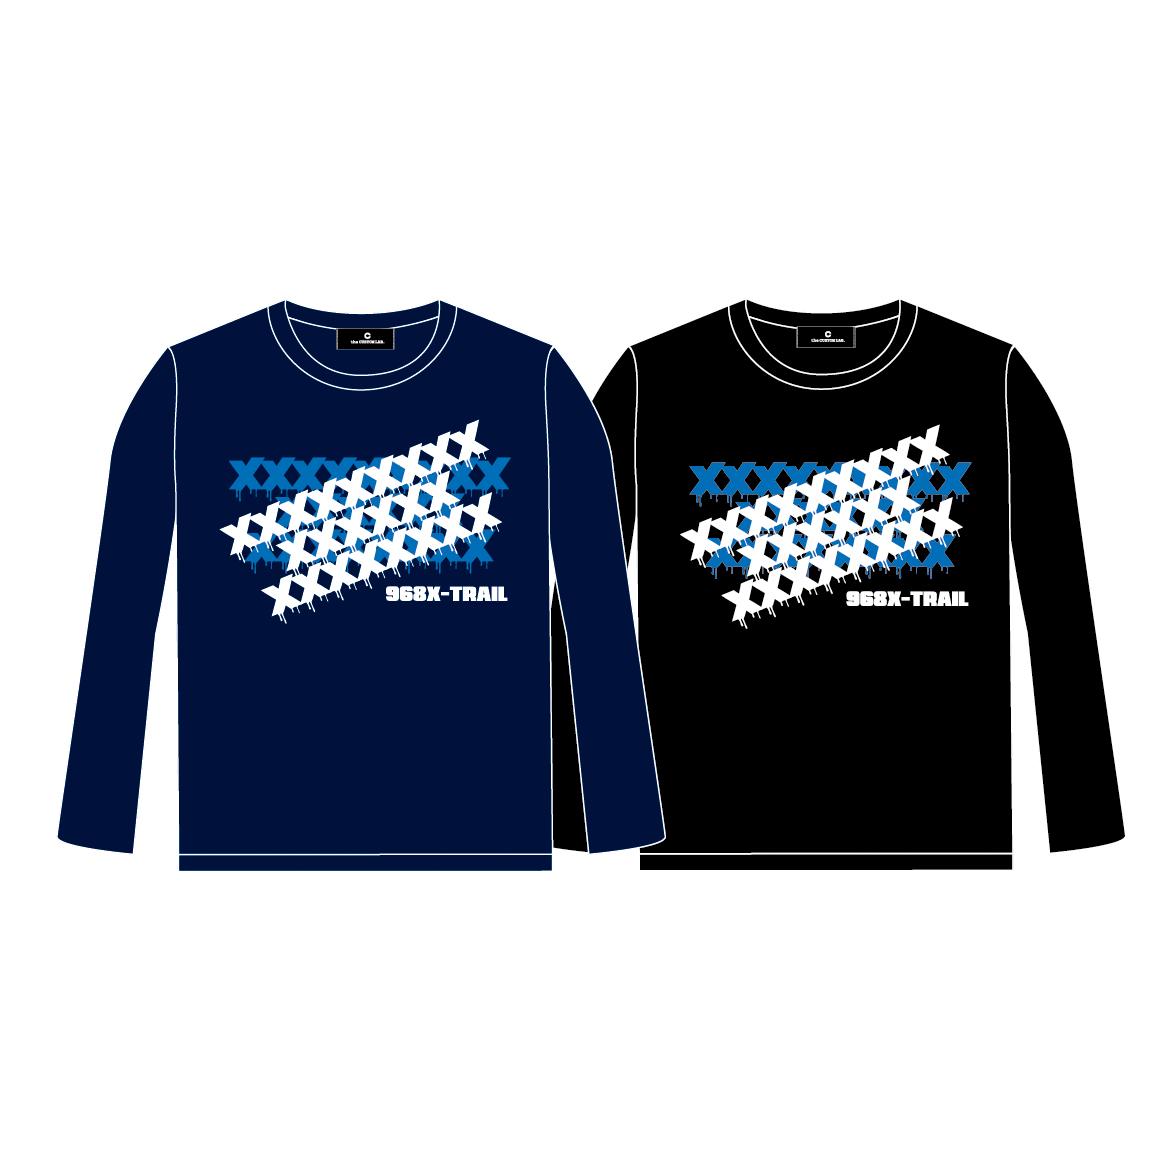 968 X-TRAIL ロングスリーブTシャツ XXXXXX/ネイビー画像